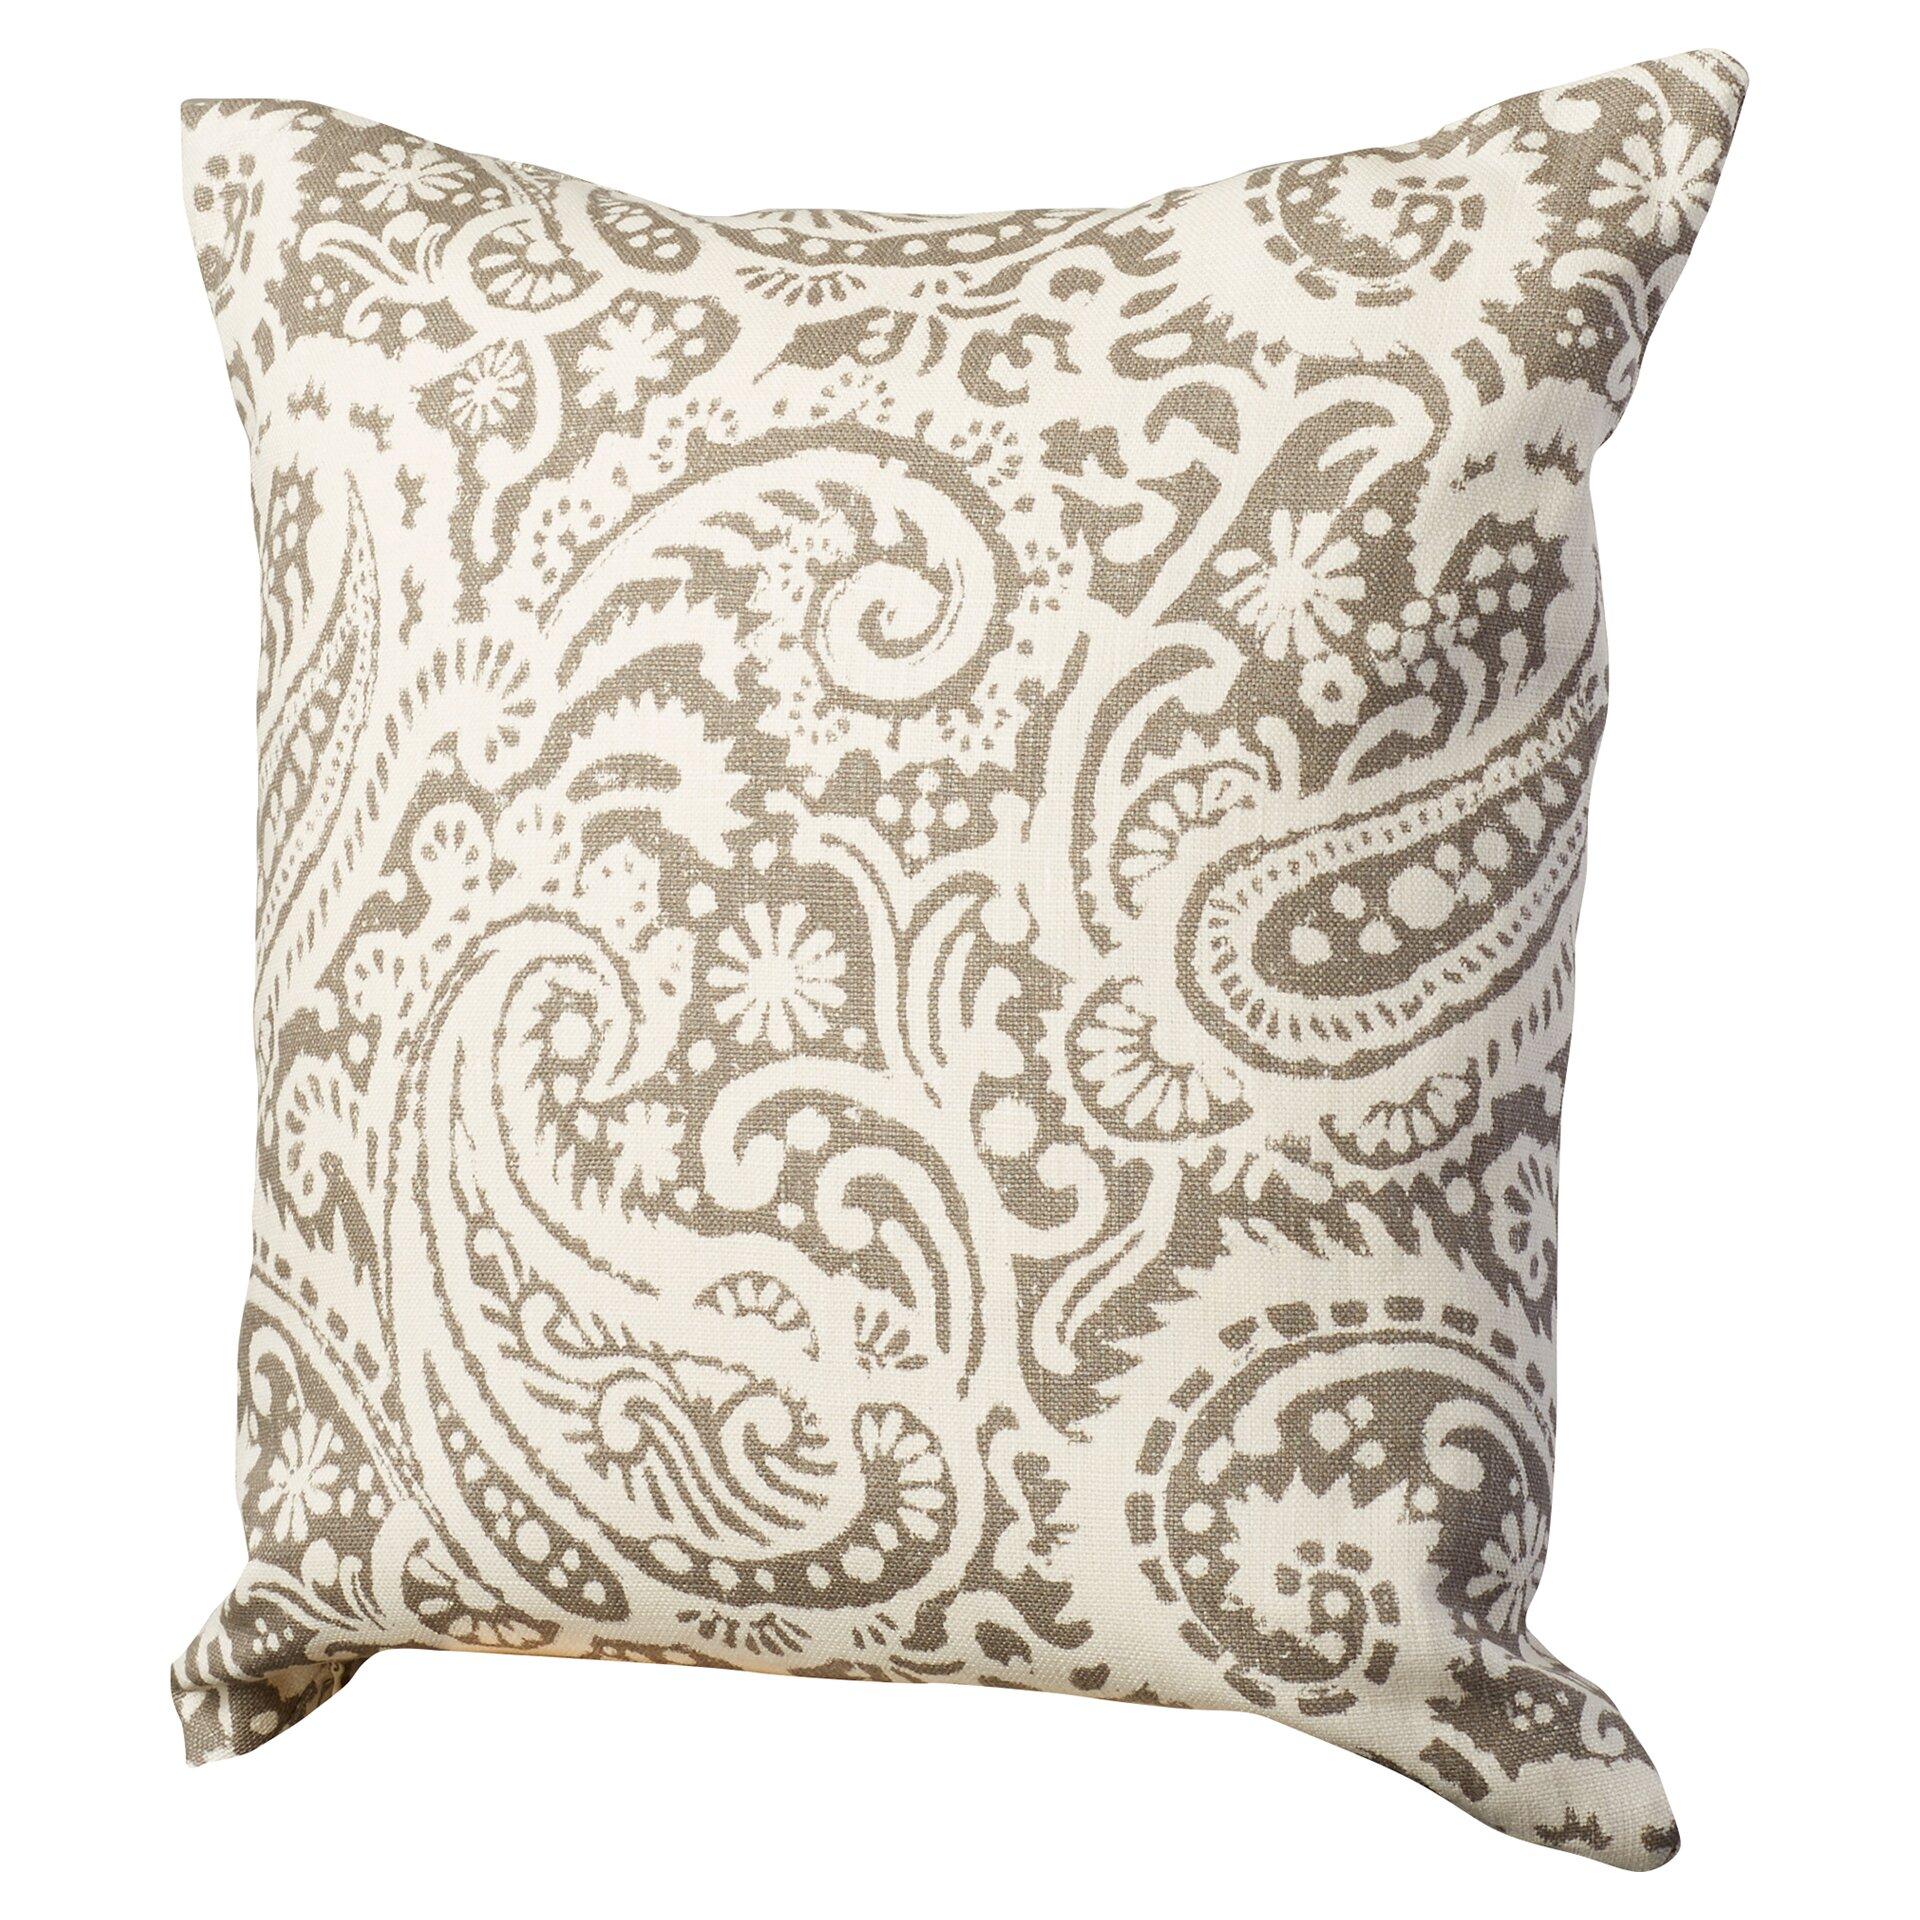 August Grove Francisca Paisley Linen Throw Pillow & Reviews Wayfair